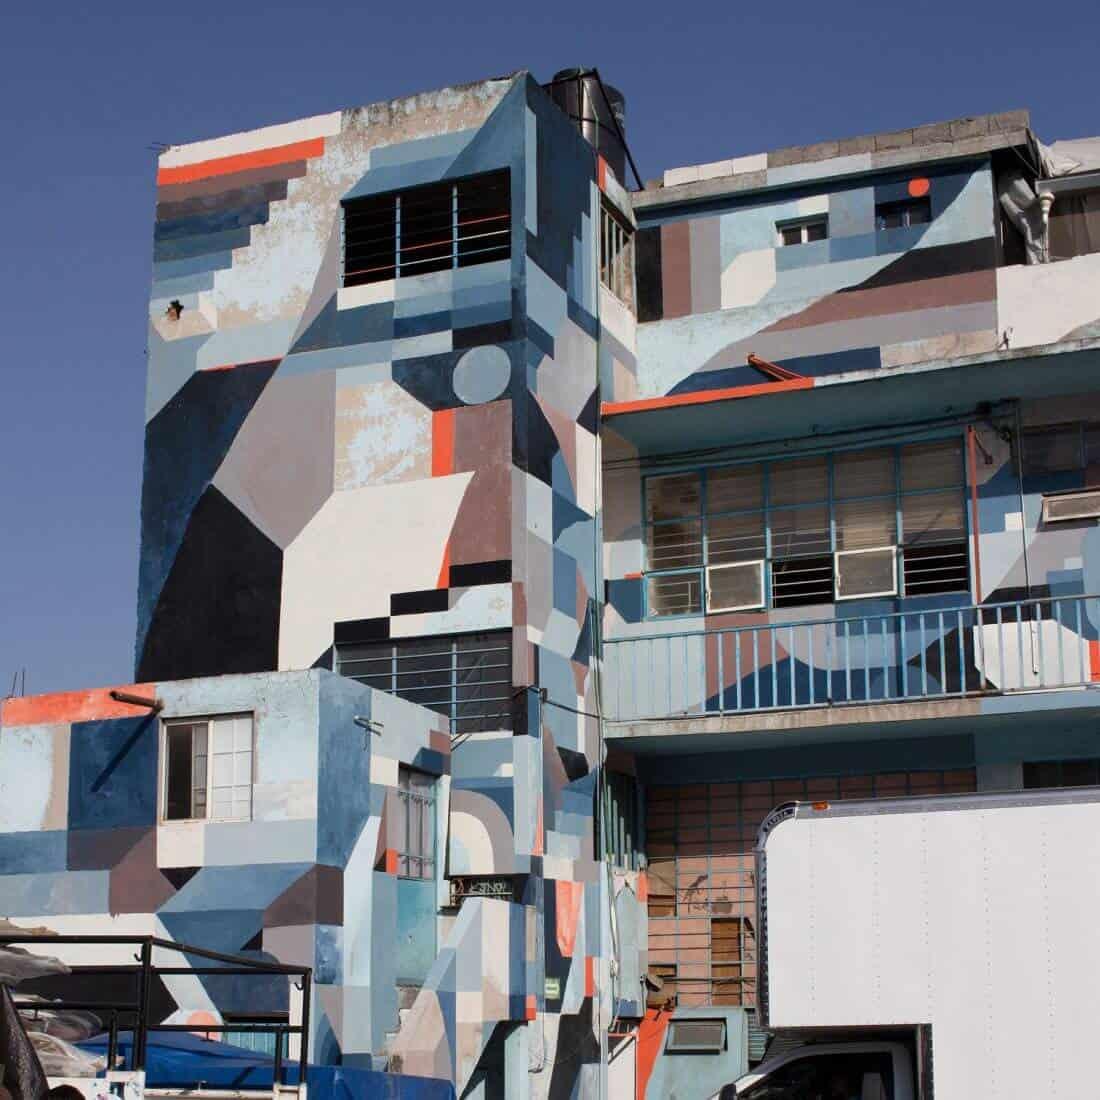 kunst en grafitti